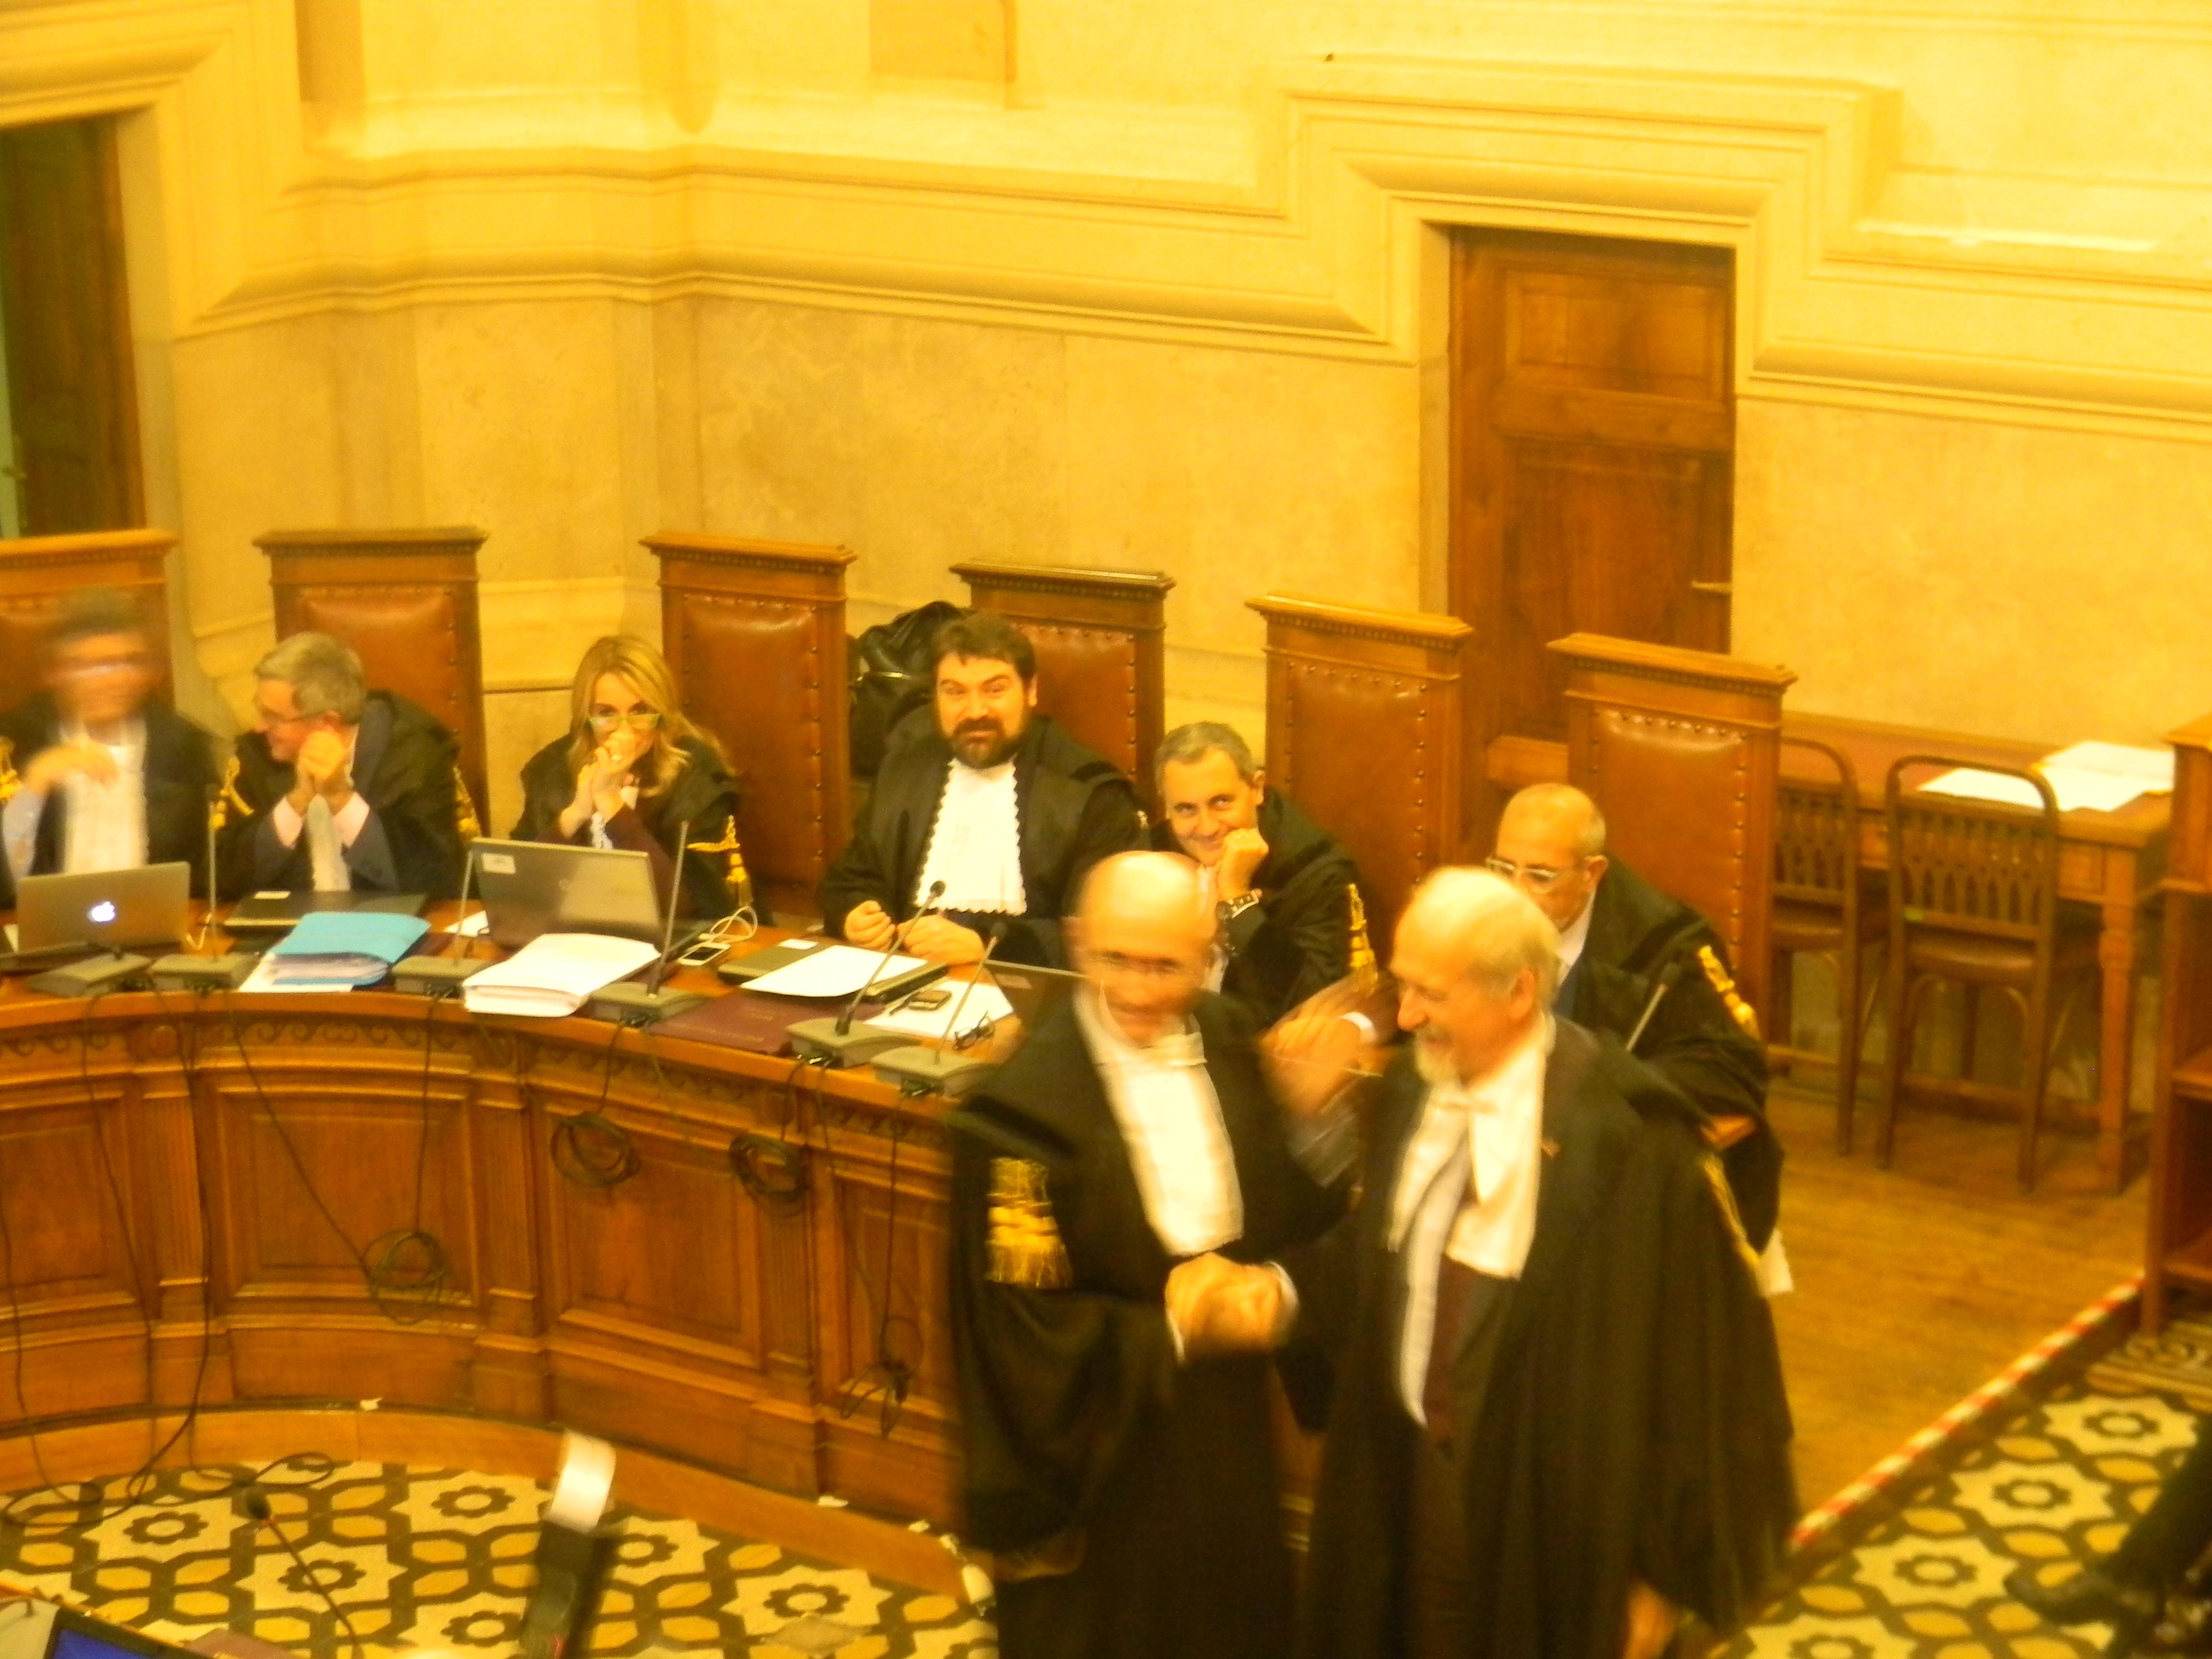 L'avv. Romolo Reboa mentre riceve la pergamena per i 30 anni di attività professionale dal Presidente del COA di Roma, avv. Mauro Vaglio